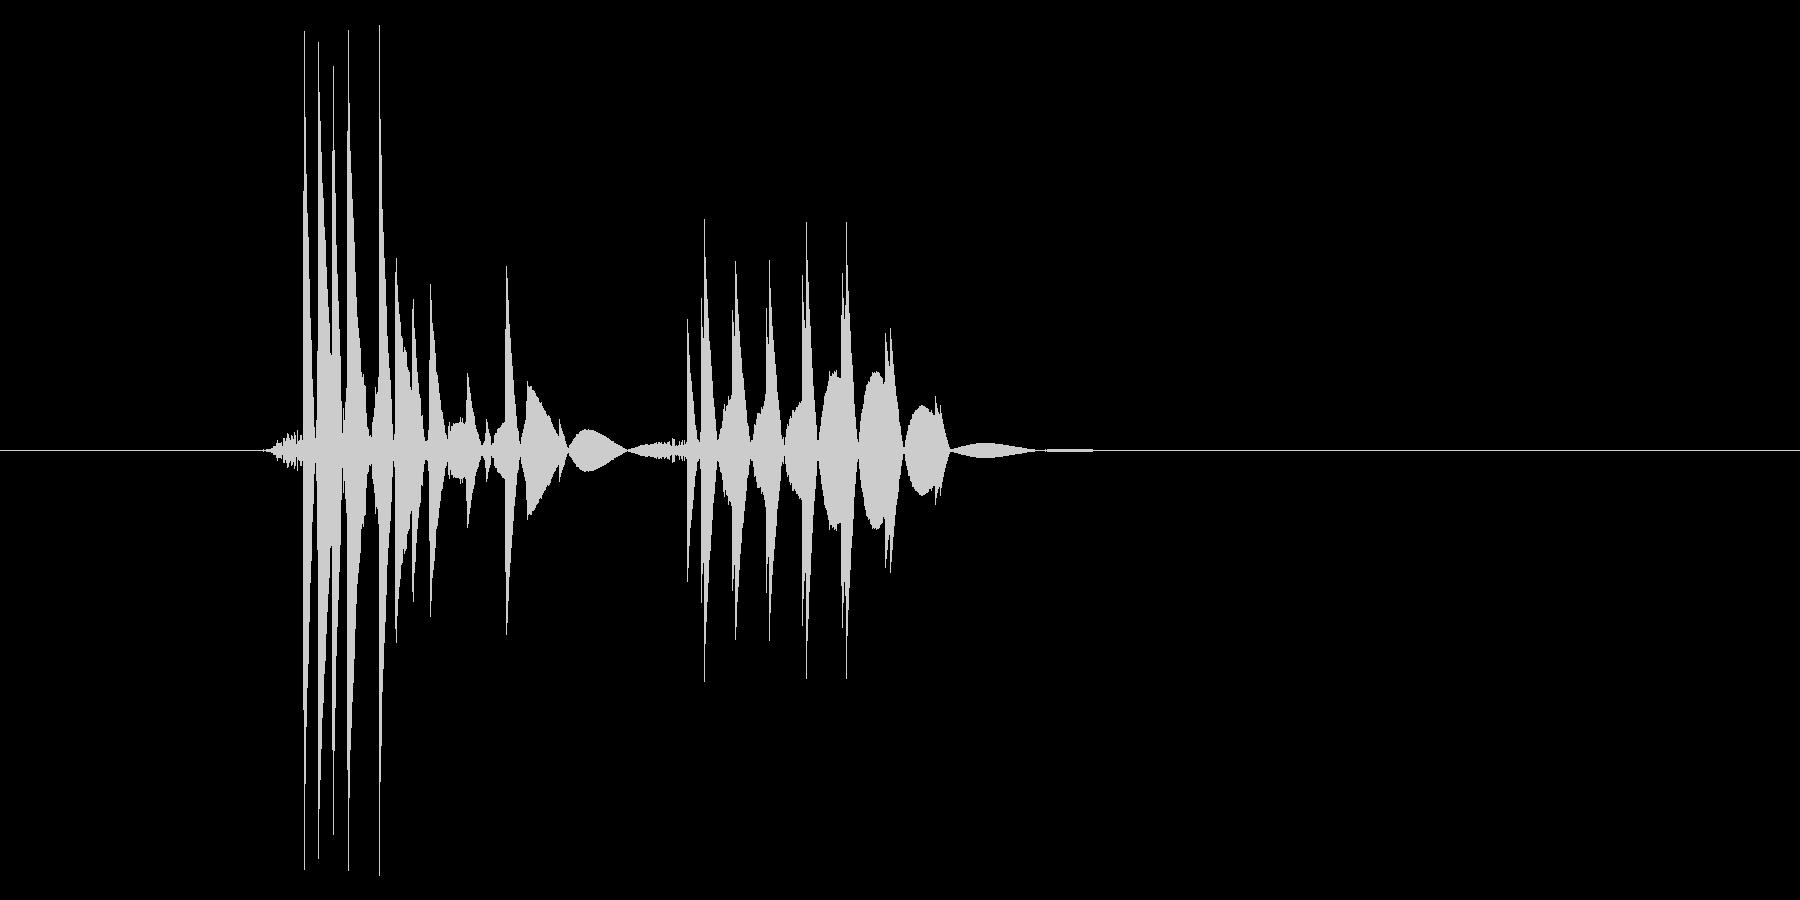 ゲーム(ファミコン風)爆発音_048の未再生の波形